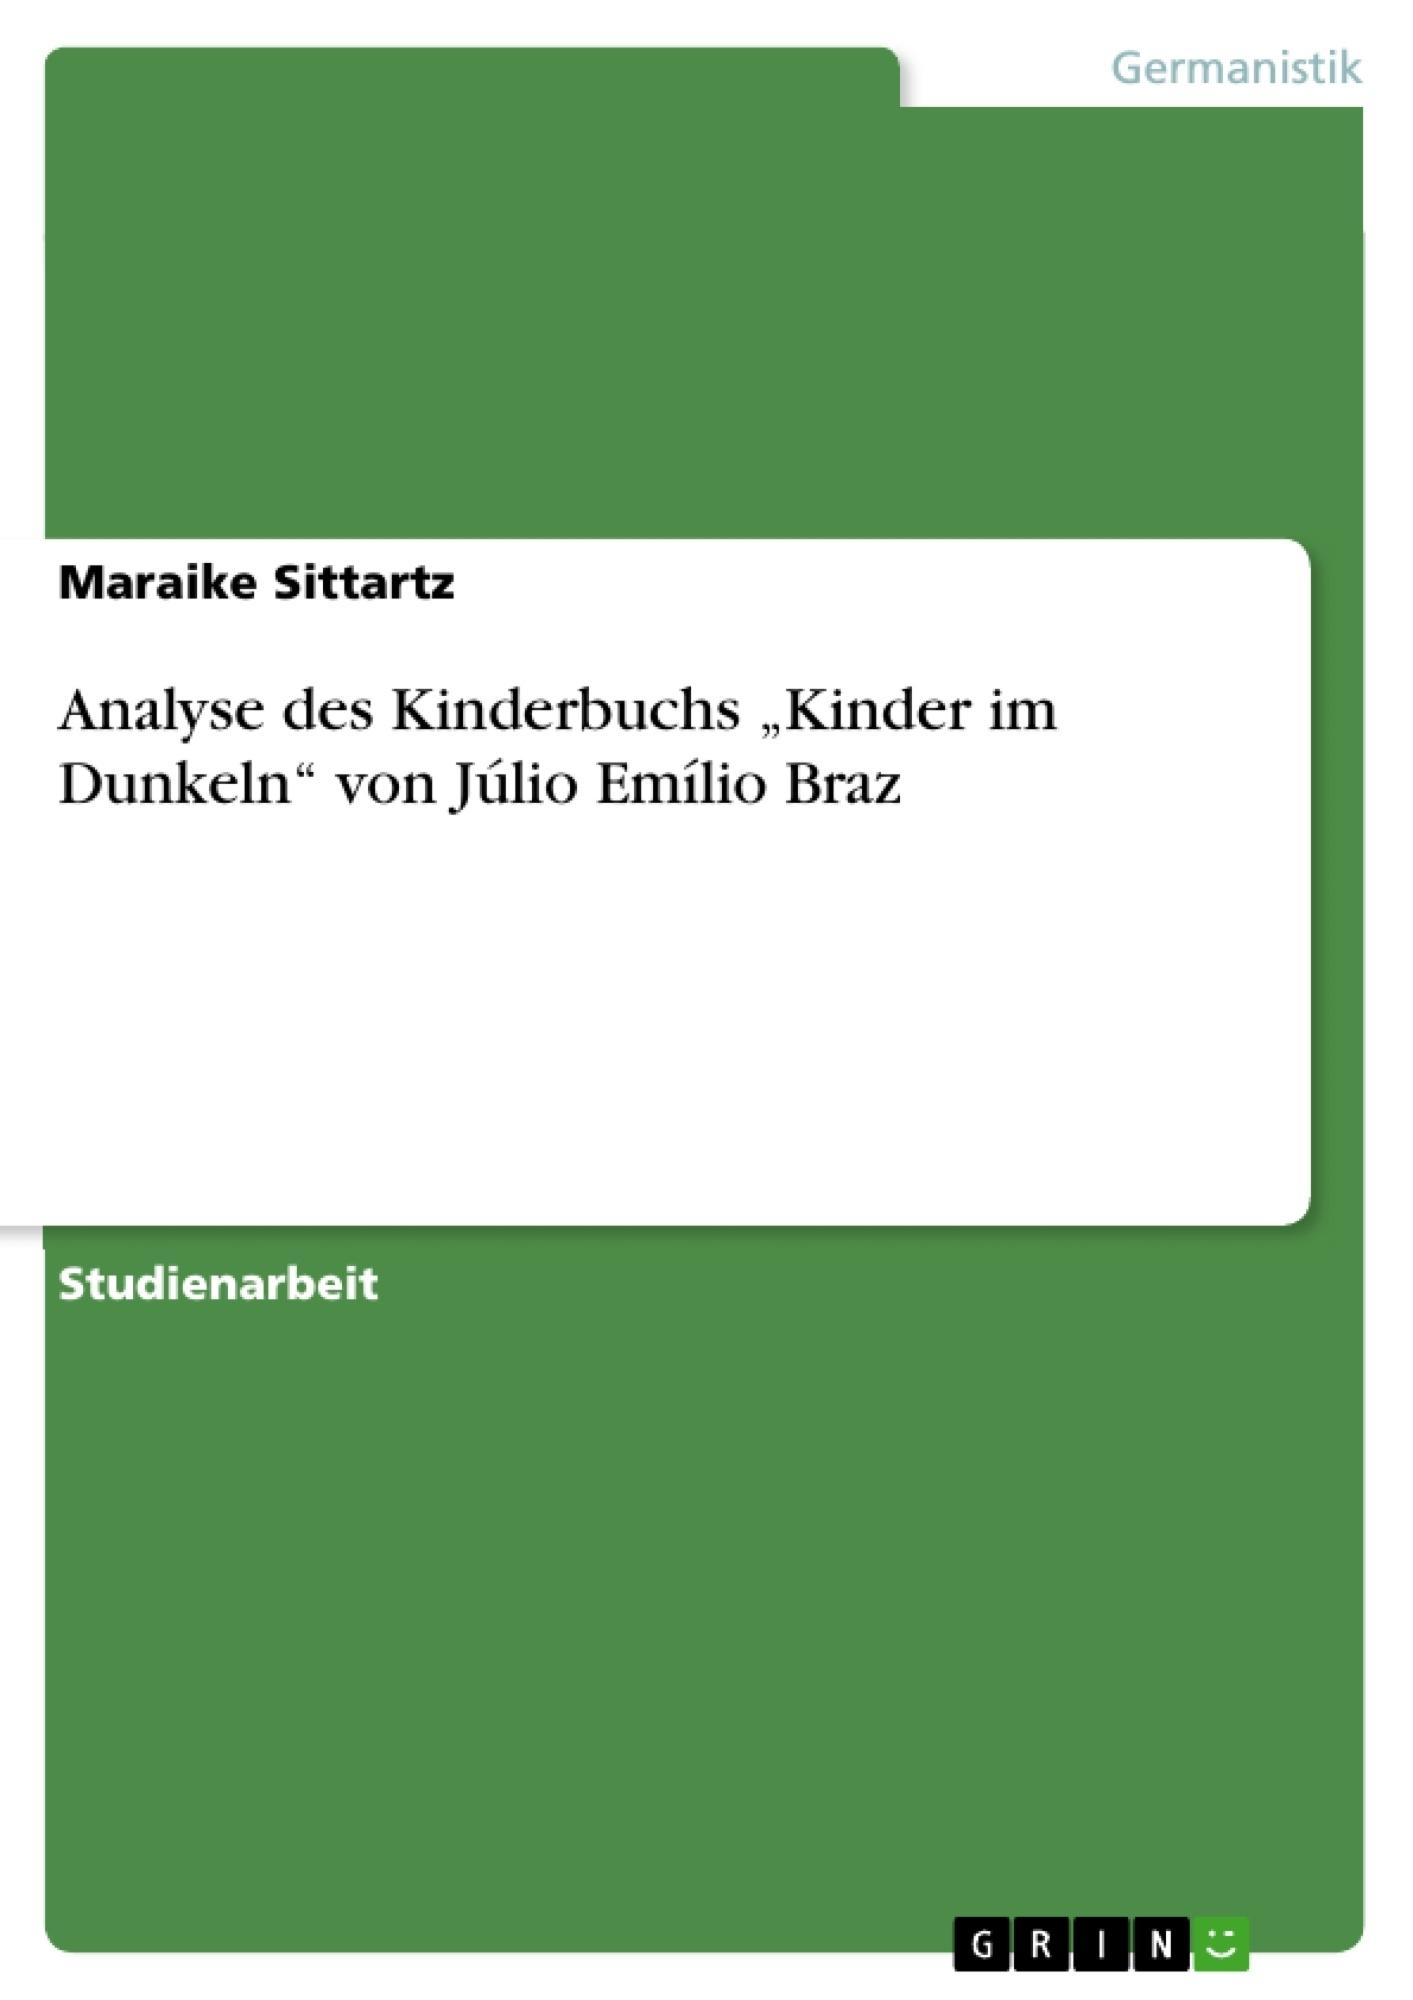 """Titel: Analyse des Kinderbuchs """"Kinder im Dunkeln"""" von Júlio Emílio Braz"""